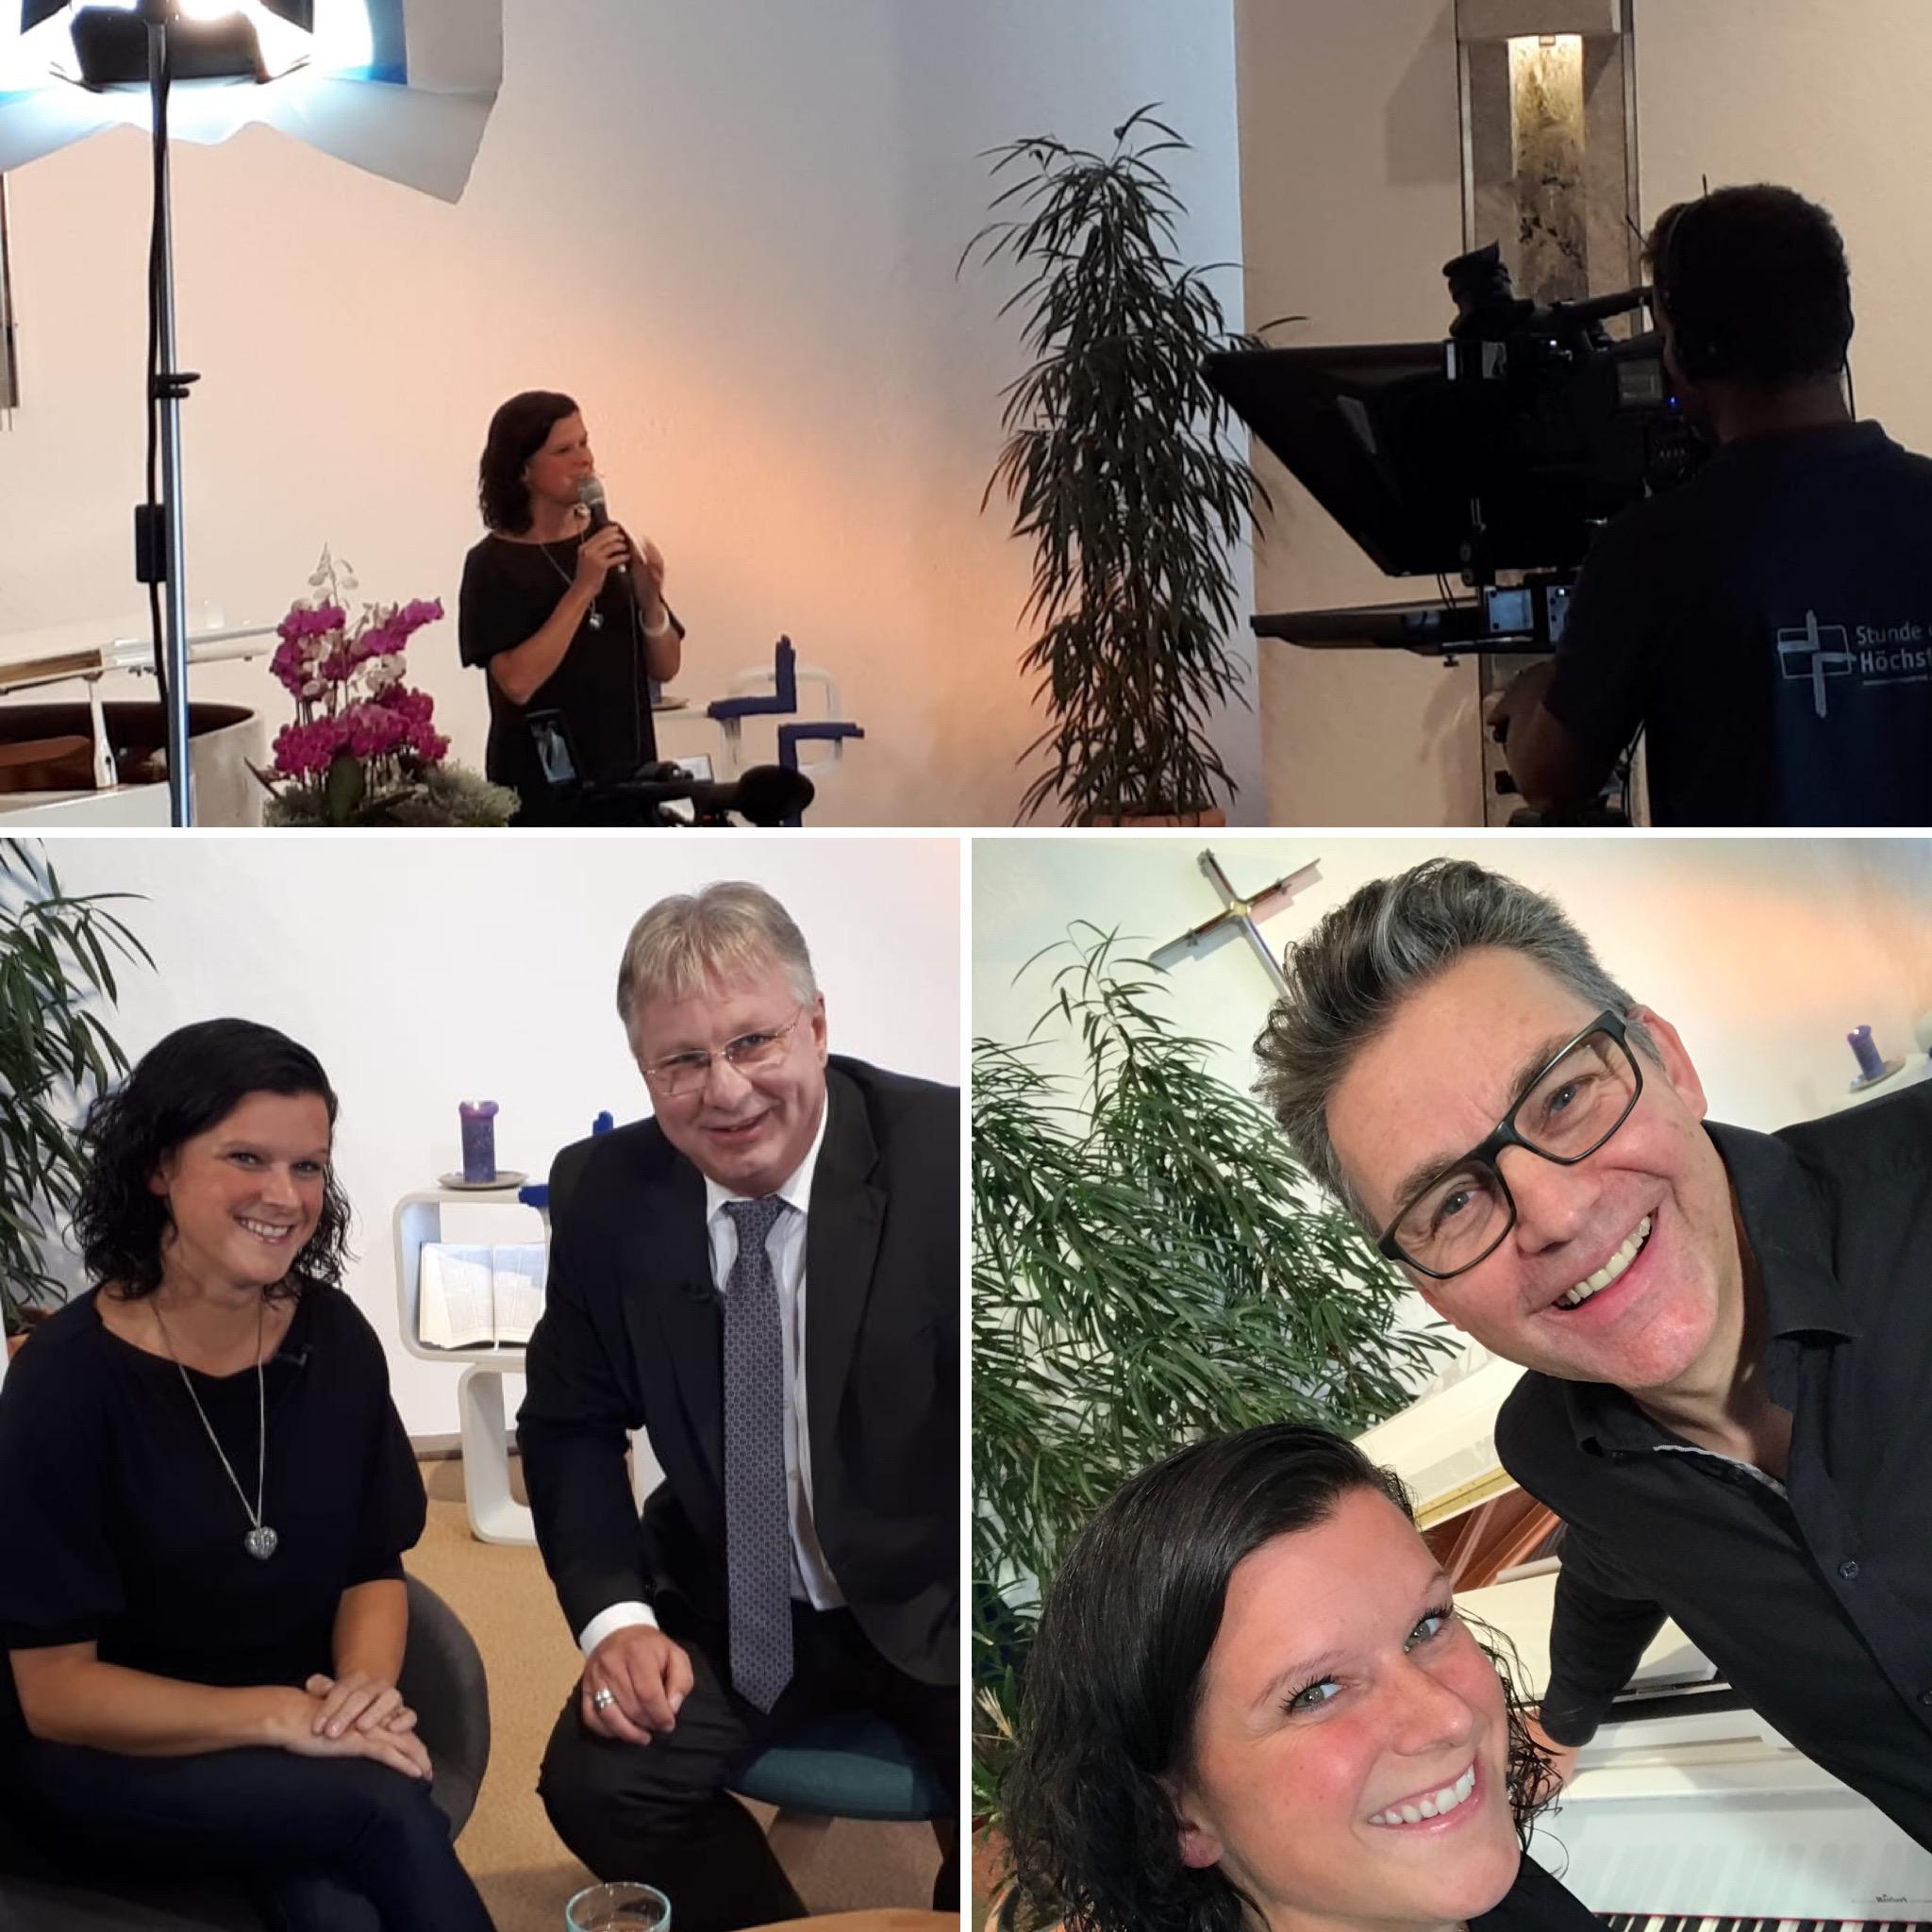 Interview mit Heiko Bräuning & TV-Aufnahme mit Michael Schlierf am 3.Oktober 2019